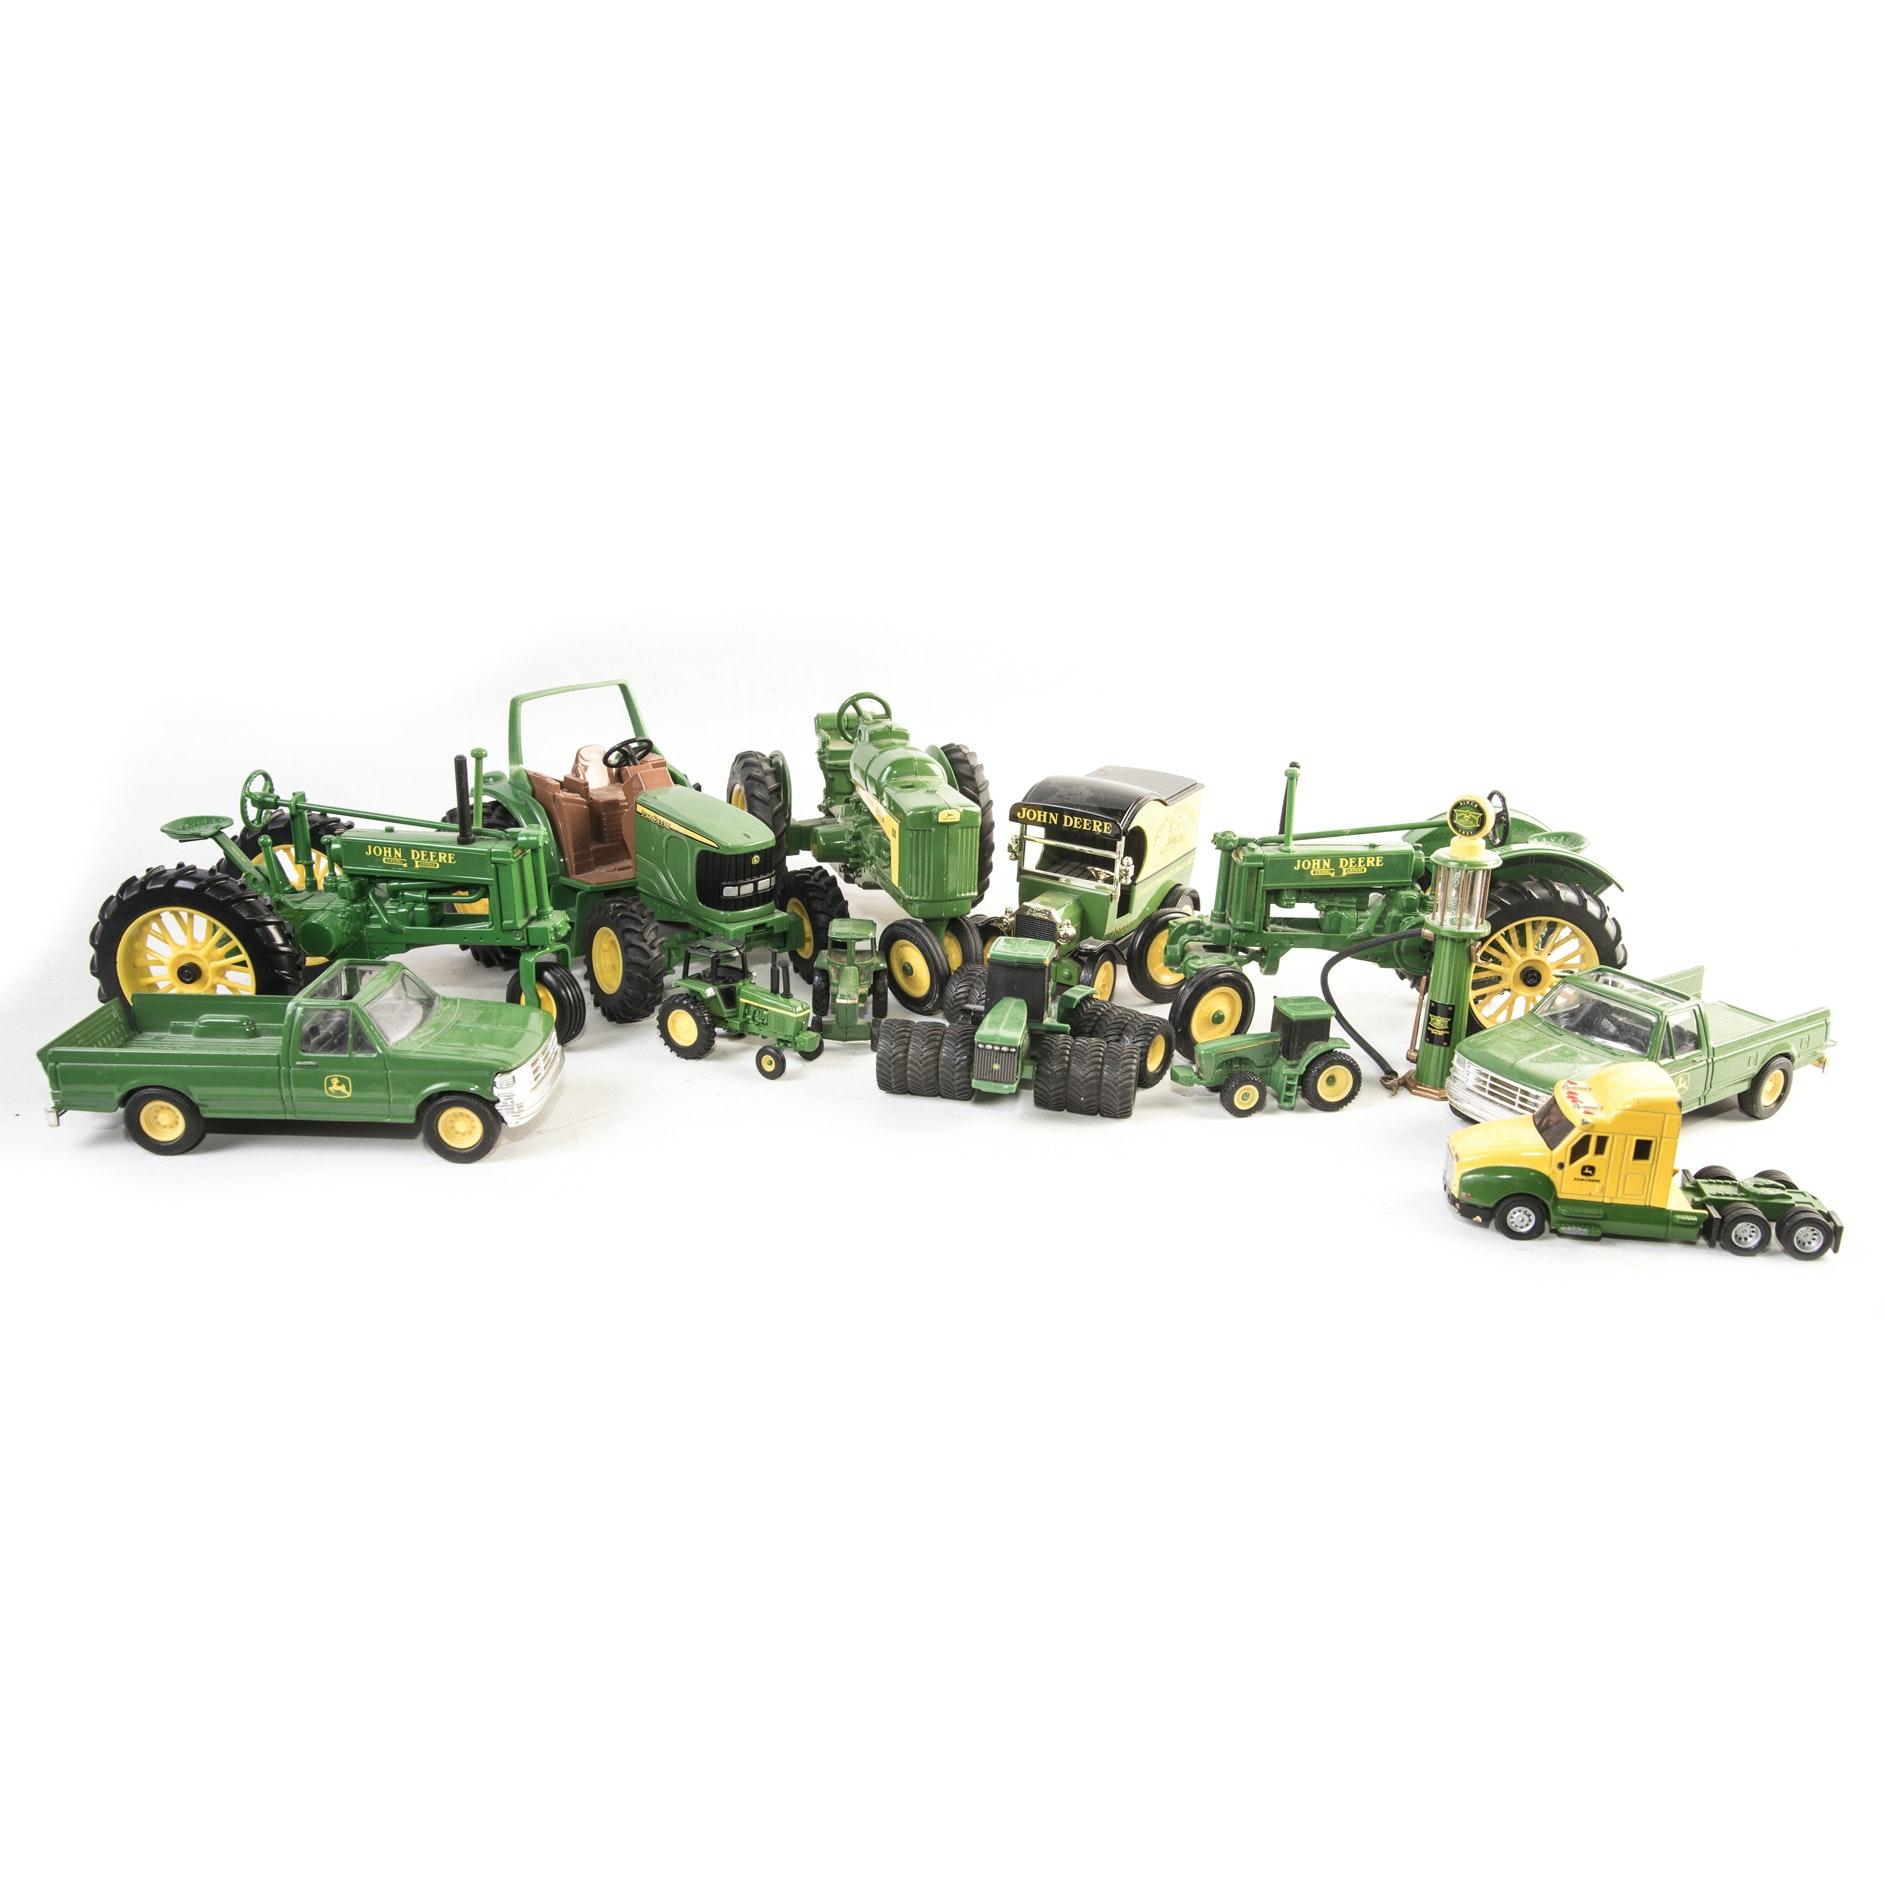 John Deere Toy Tractors and Accessories